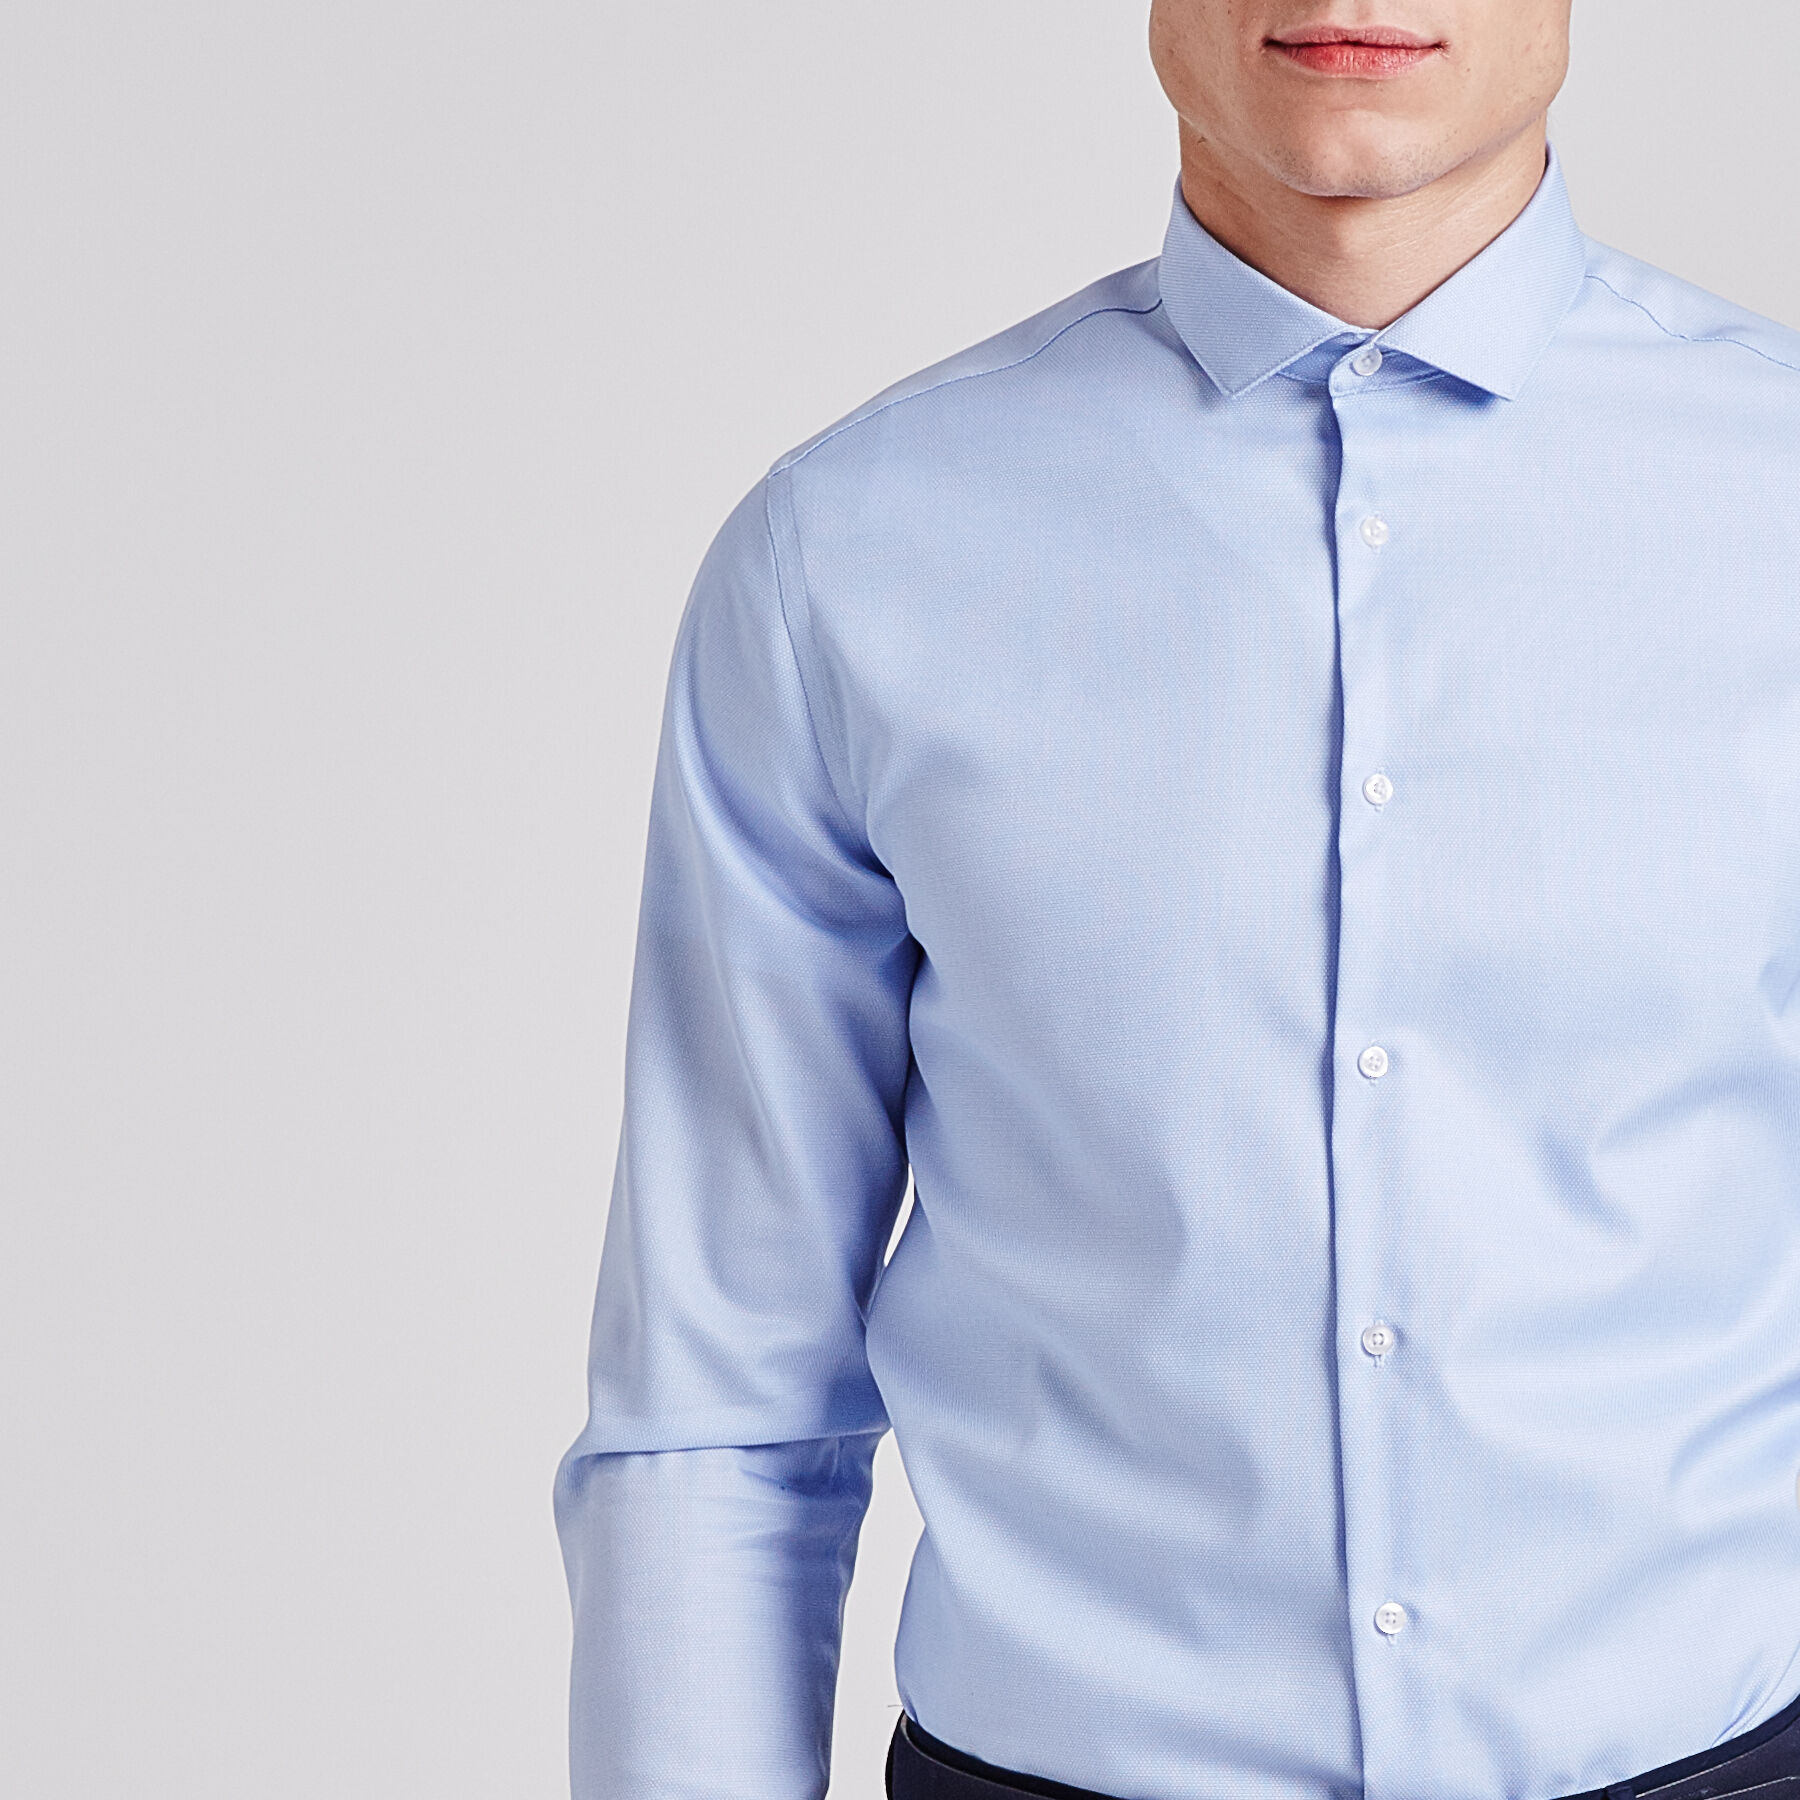 chemise r gular repassage facile bleu ciel homme jules. Black Bedroom Furniture Sets. Home Design Ideas